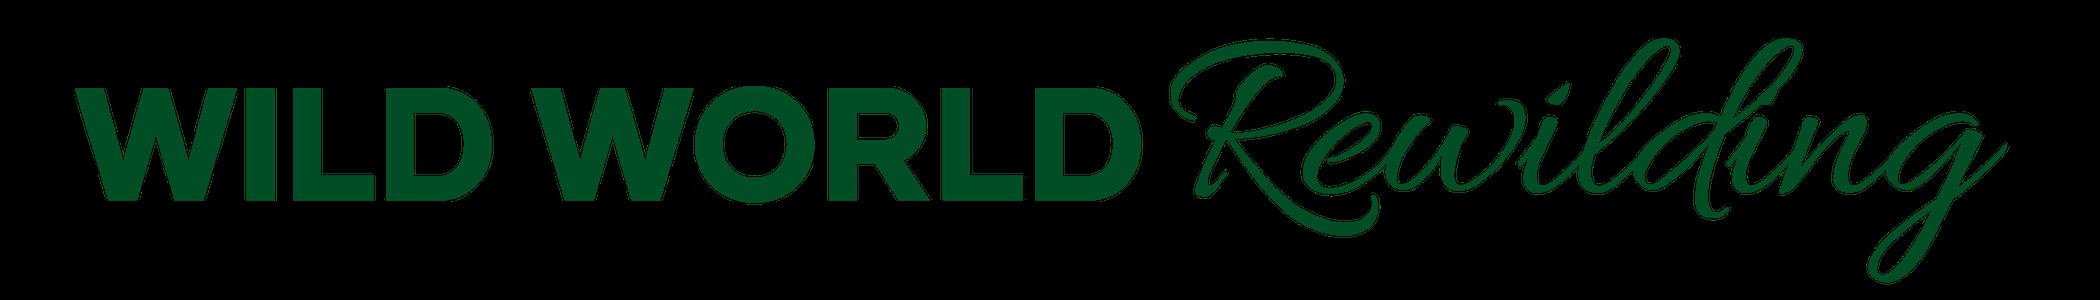 WILD WORLD REWILDING